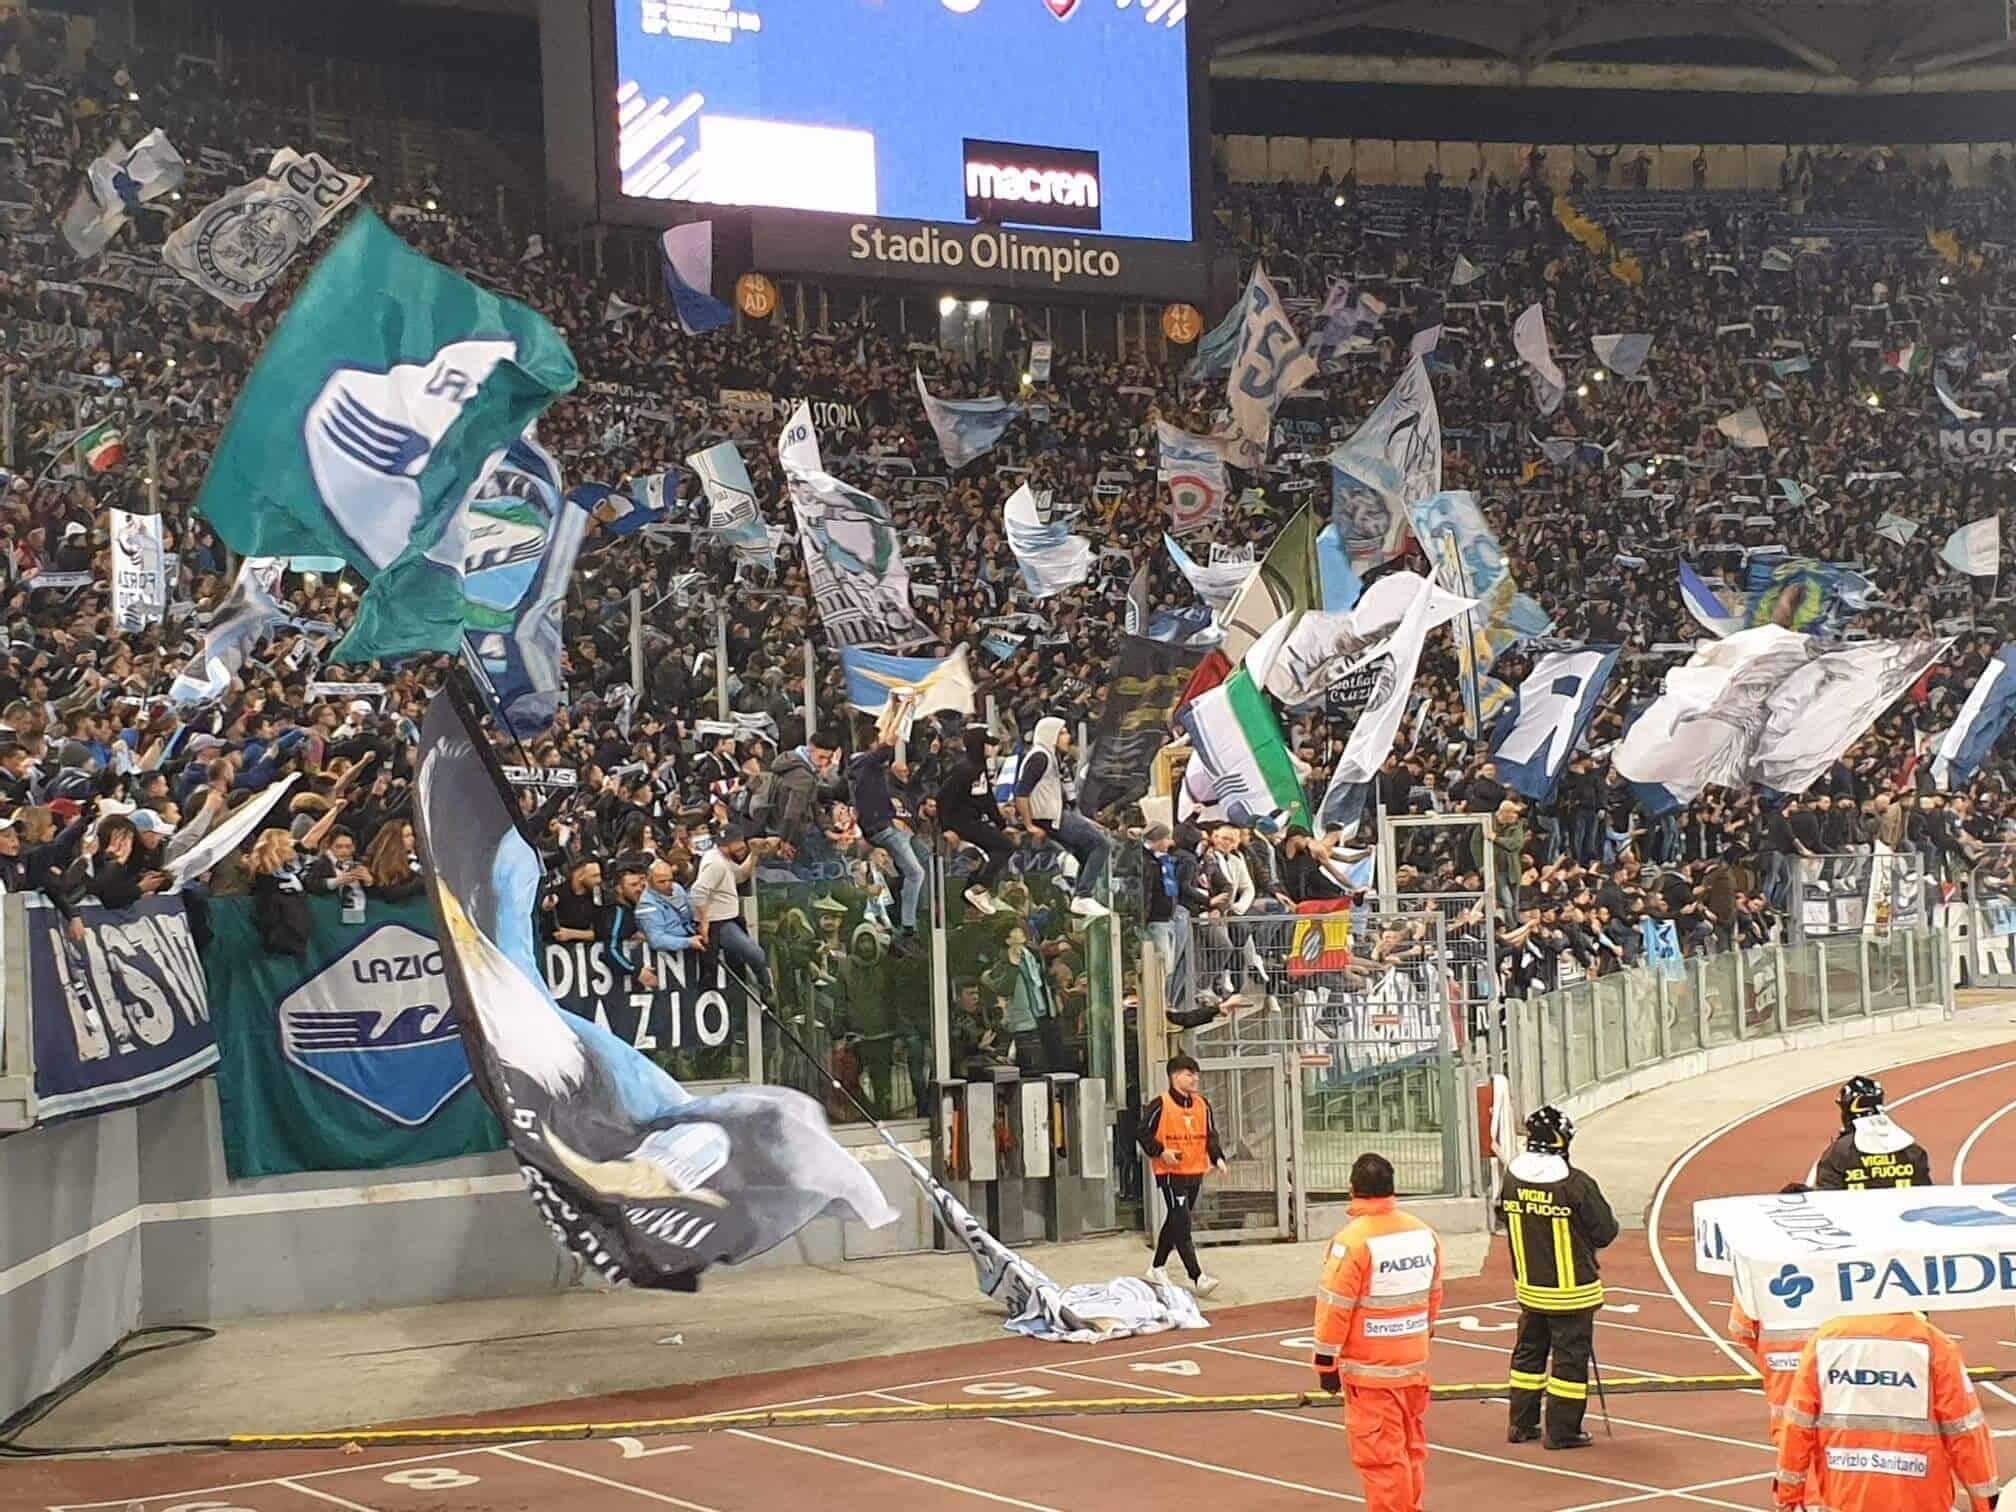 Fodboldrejse: Lazio - Roma (Lazio fans)